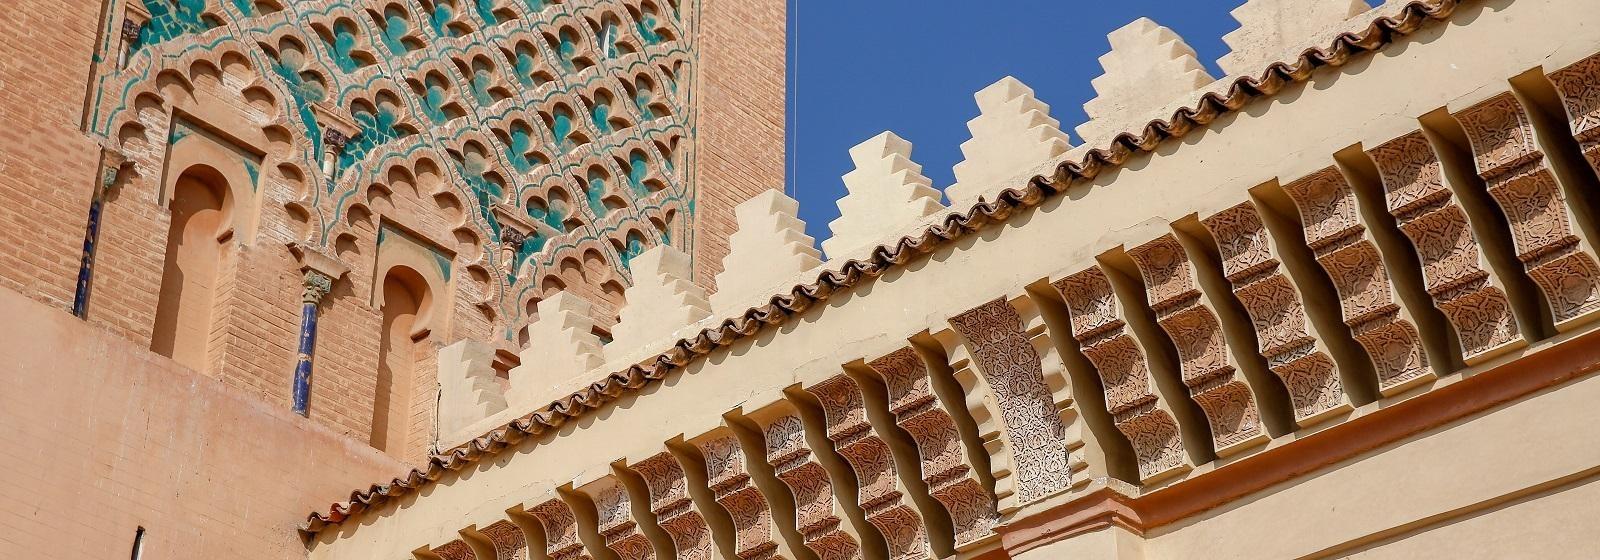 Cosas que hacer en Marrakech